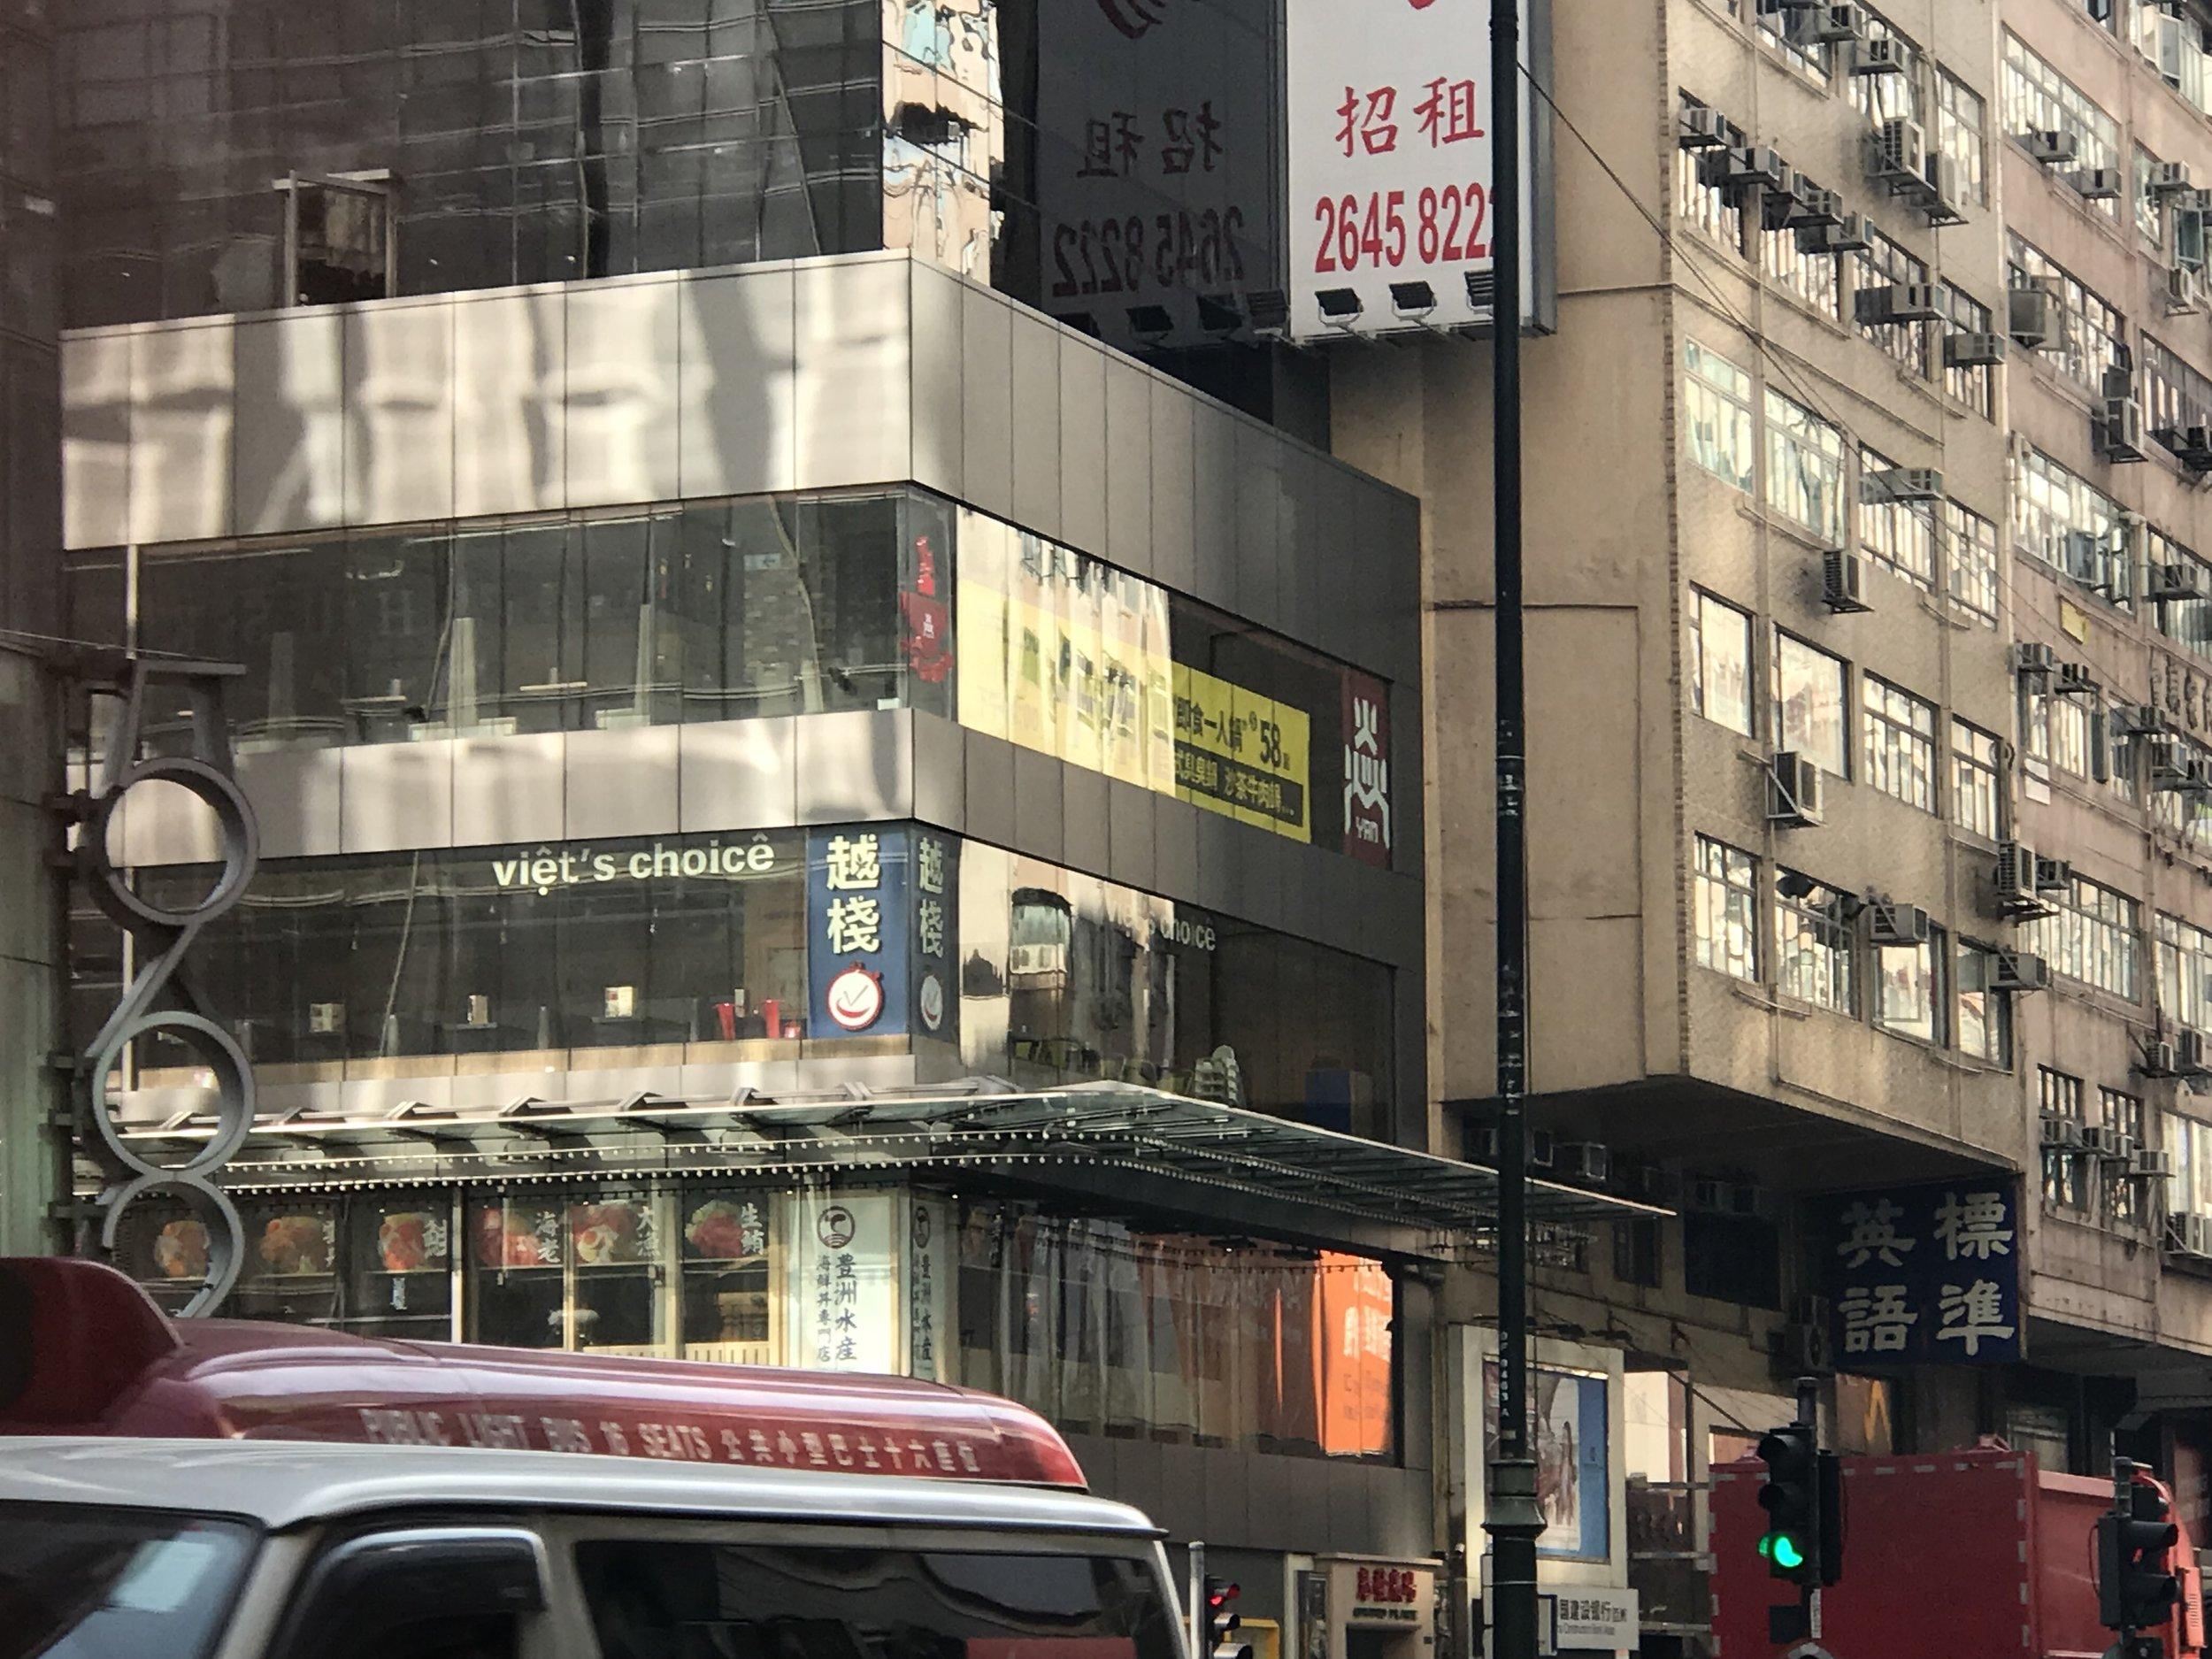 Một nhà hàng bán thức ăn do người Việt làm chủ trên phố đảo Kowloon.